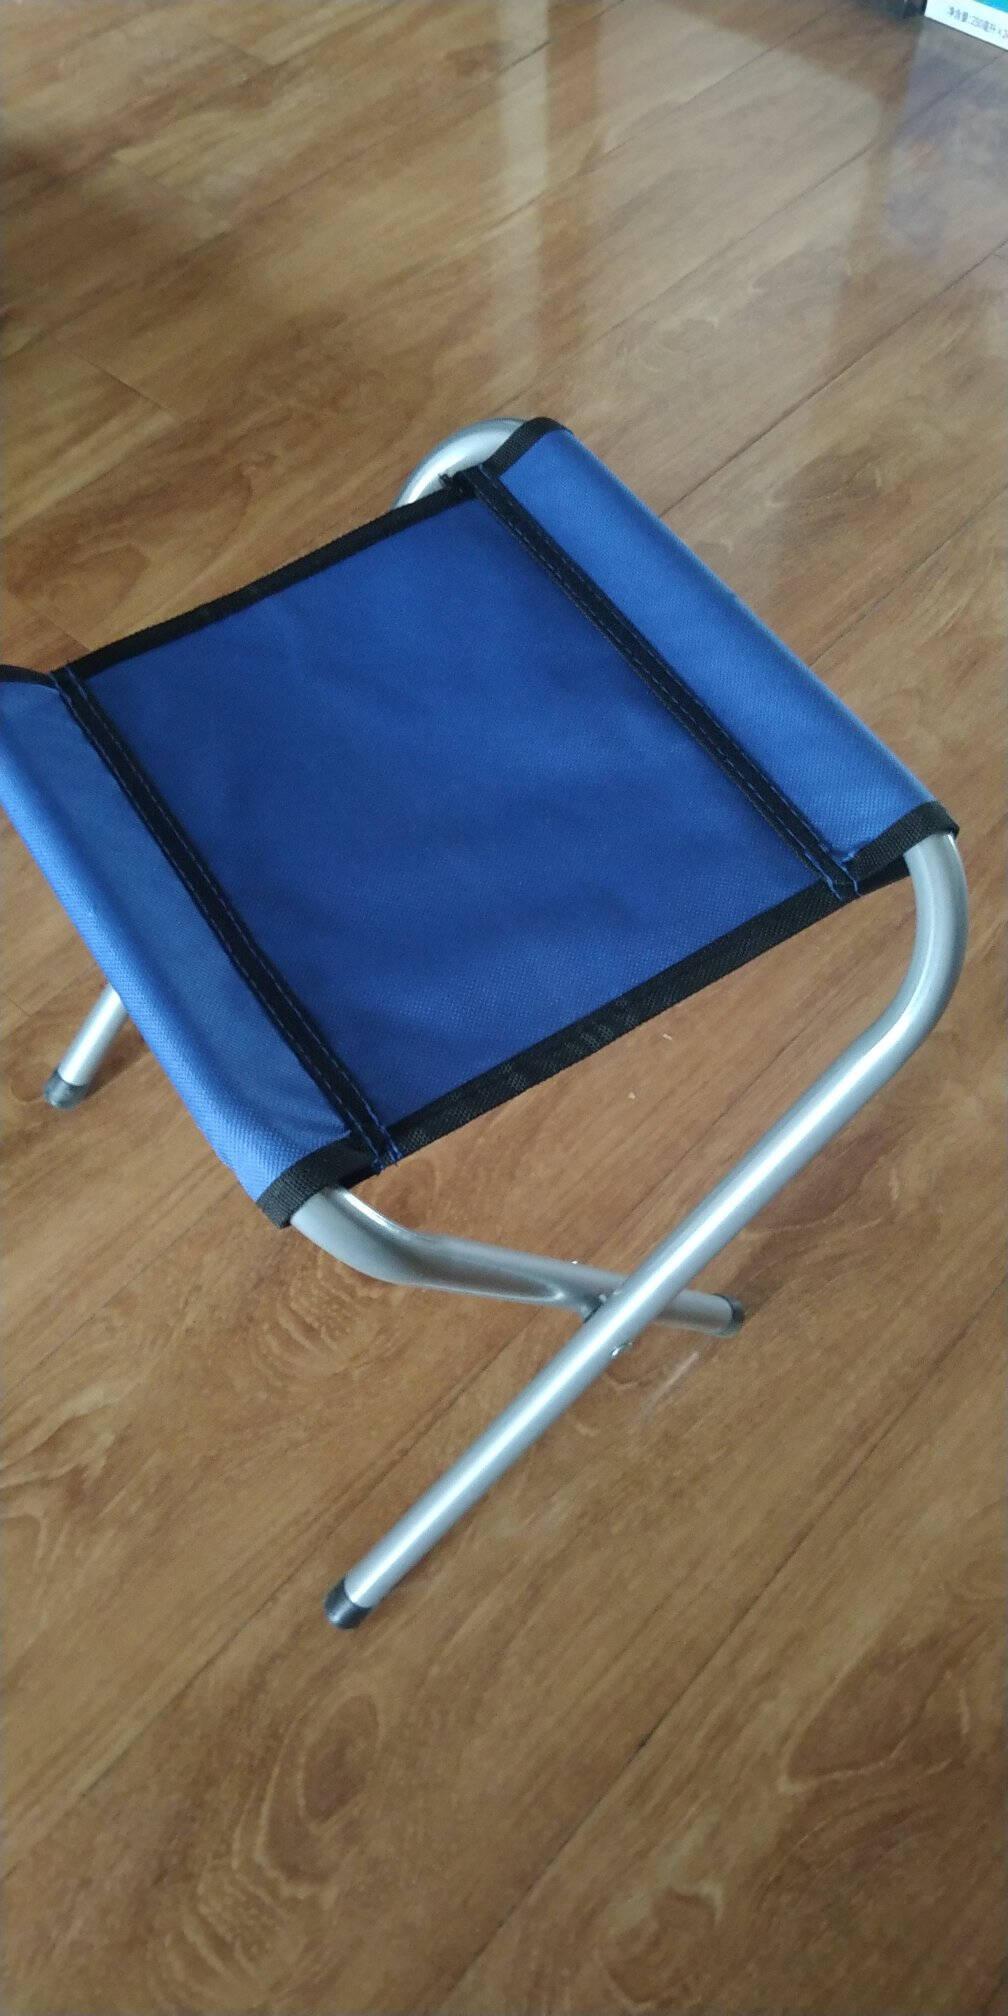 鲸伦(KINGRUNNING)XQ-1642蓝色马扎折叠椅折叠凳户外便携休闲椅钓鱼登小凳子板凳